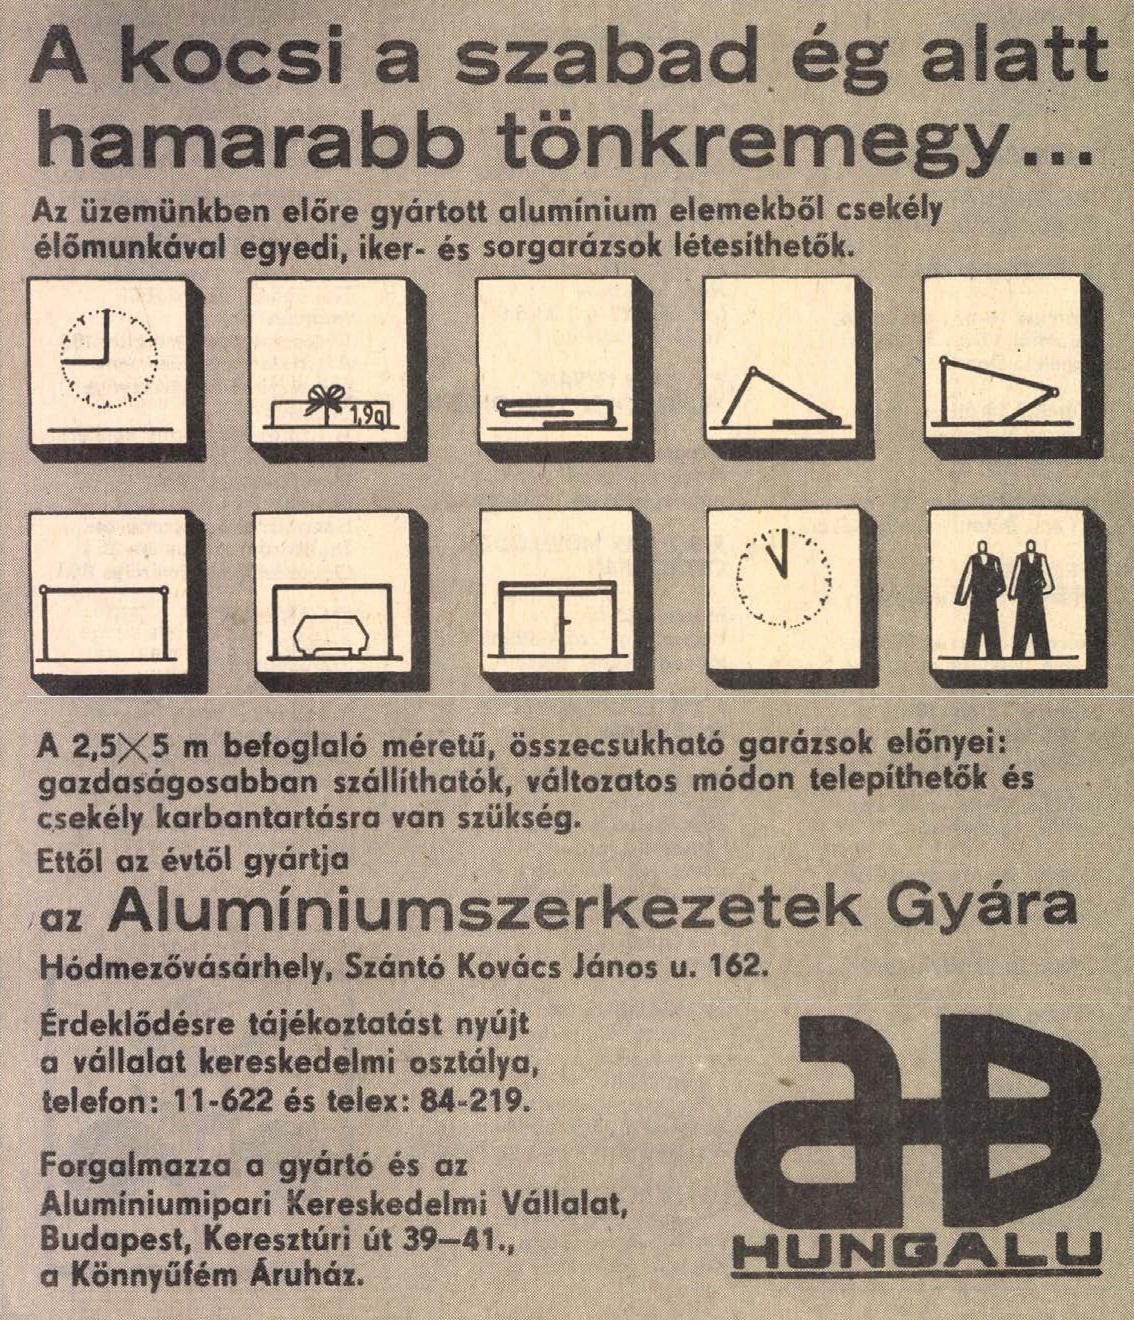 idokapszula_nb_i_1983_84_oszi_zaras_az_nb_ii_es_a_harmadik_vonal_reklam_1.jpg